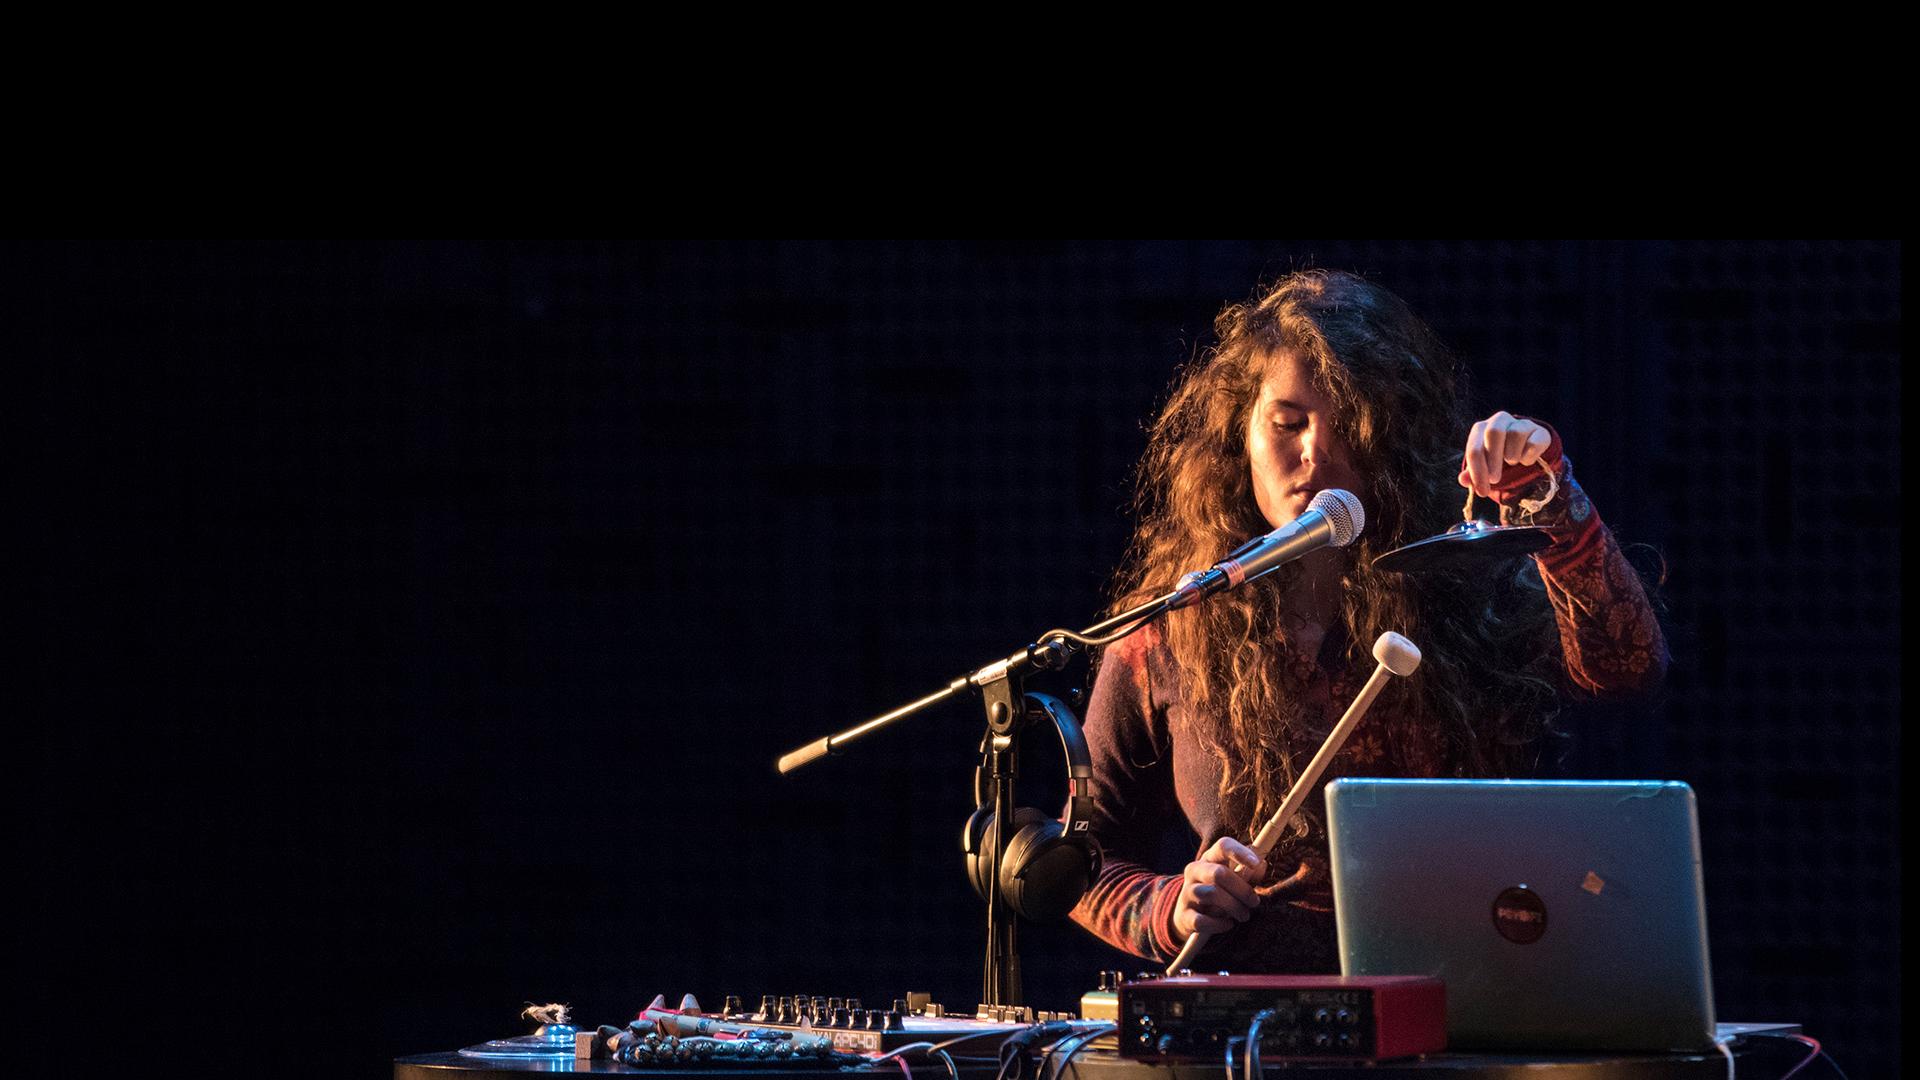 Opiskelija tekee musiikkia tietokoneella ja soittimilla